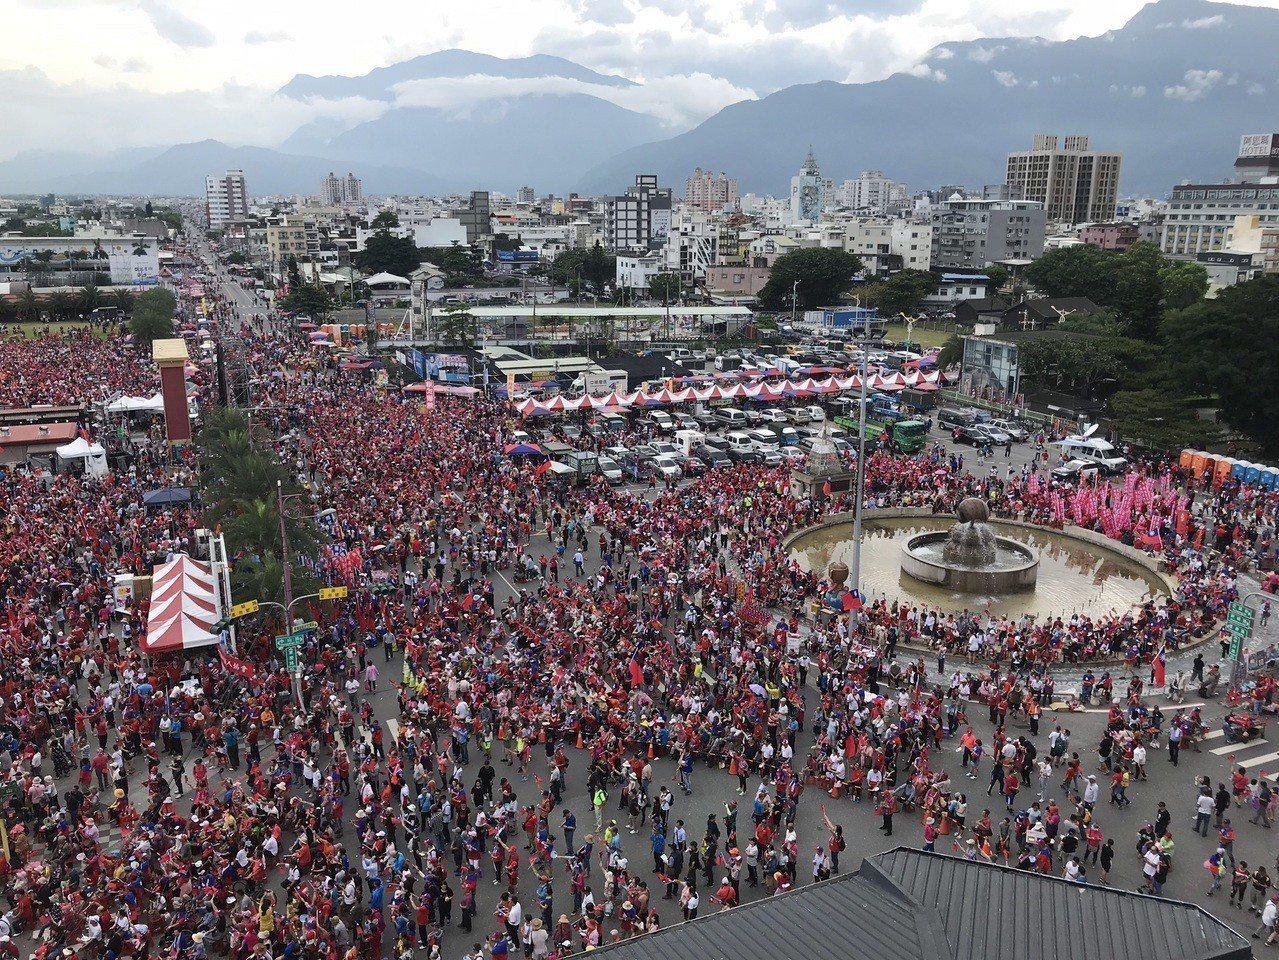 花蓮挺韓大會人數突破12萬人,是花蓮歷來最大場。記者王燕華/攝影